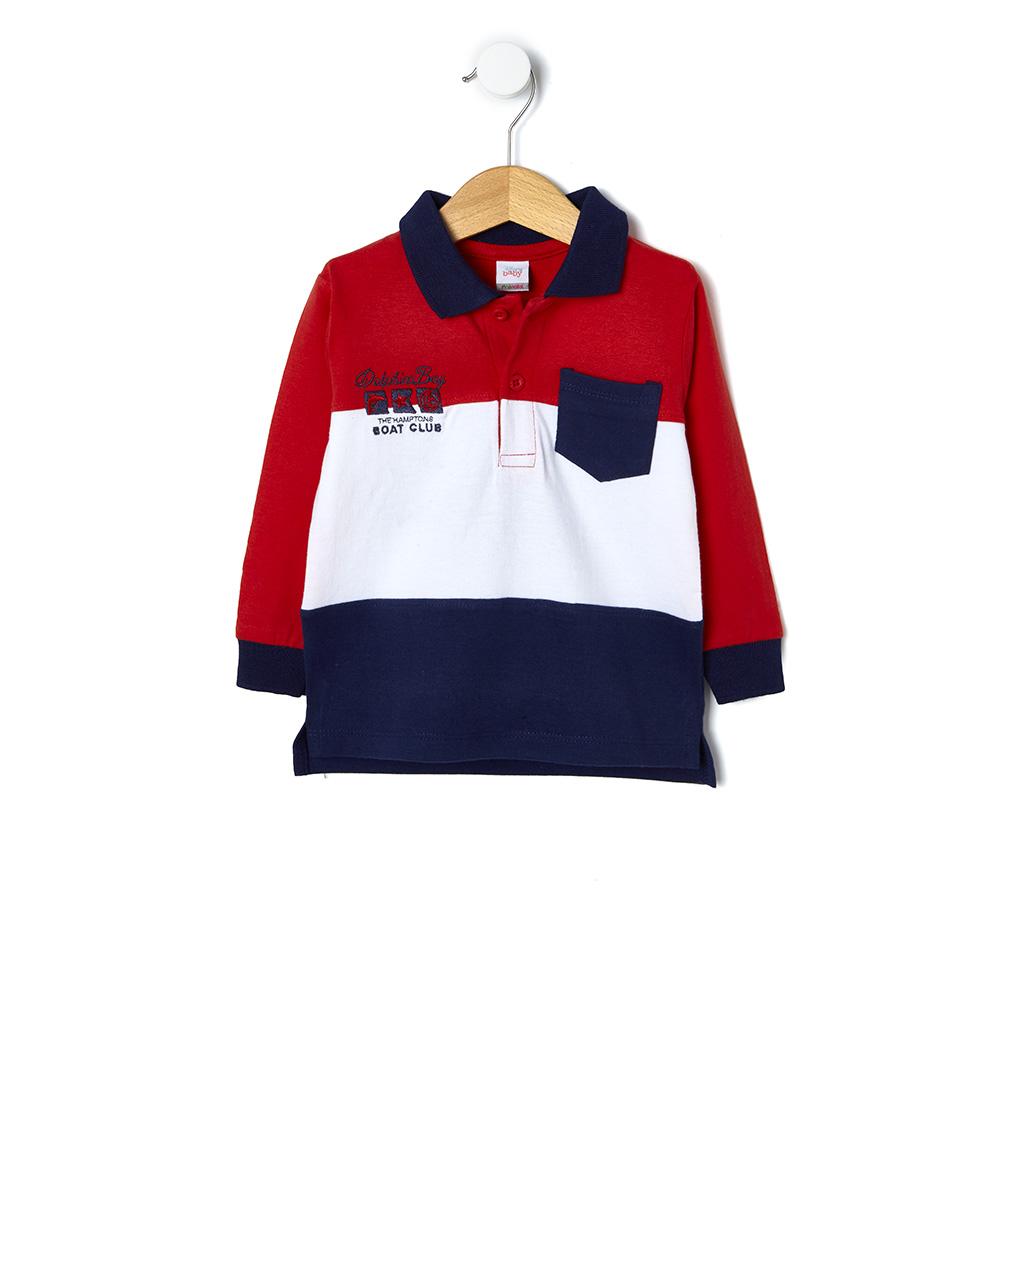 Μπλούζα Πόλο Κόκκινο-Μπλε για  Αγόρι